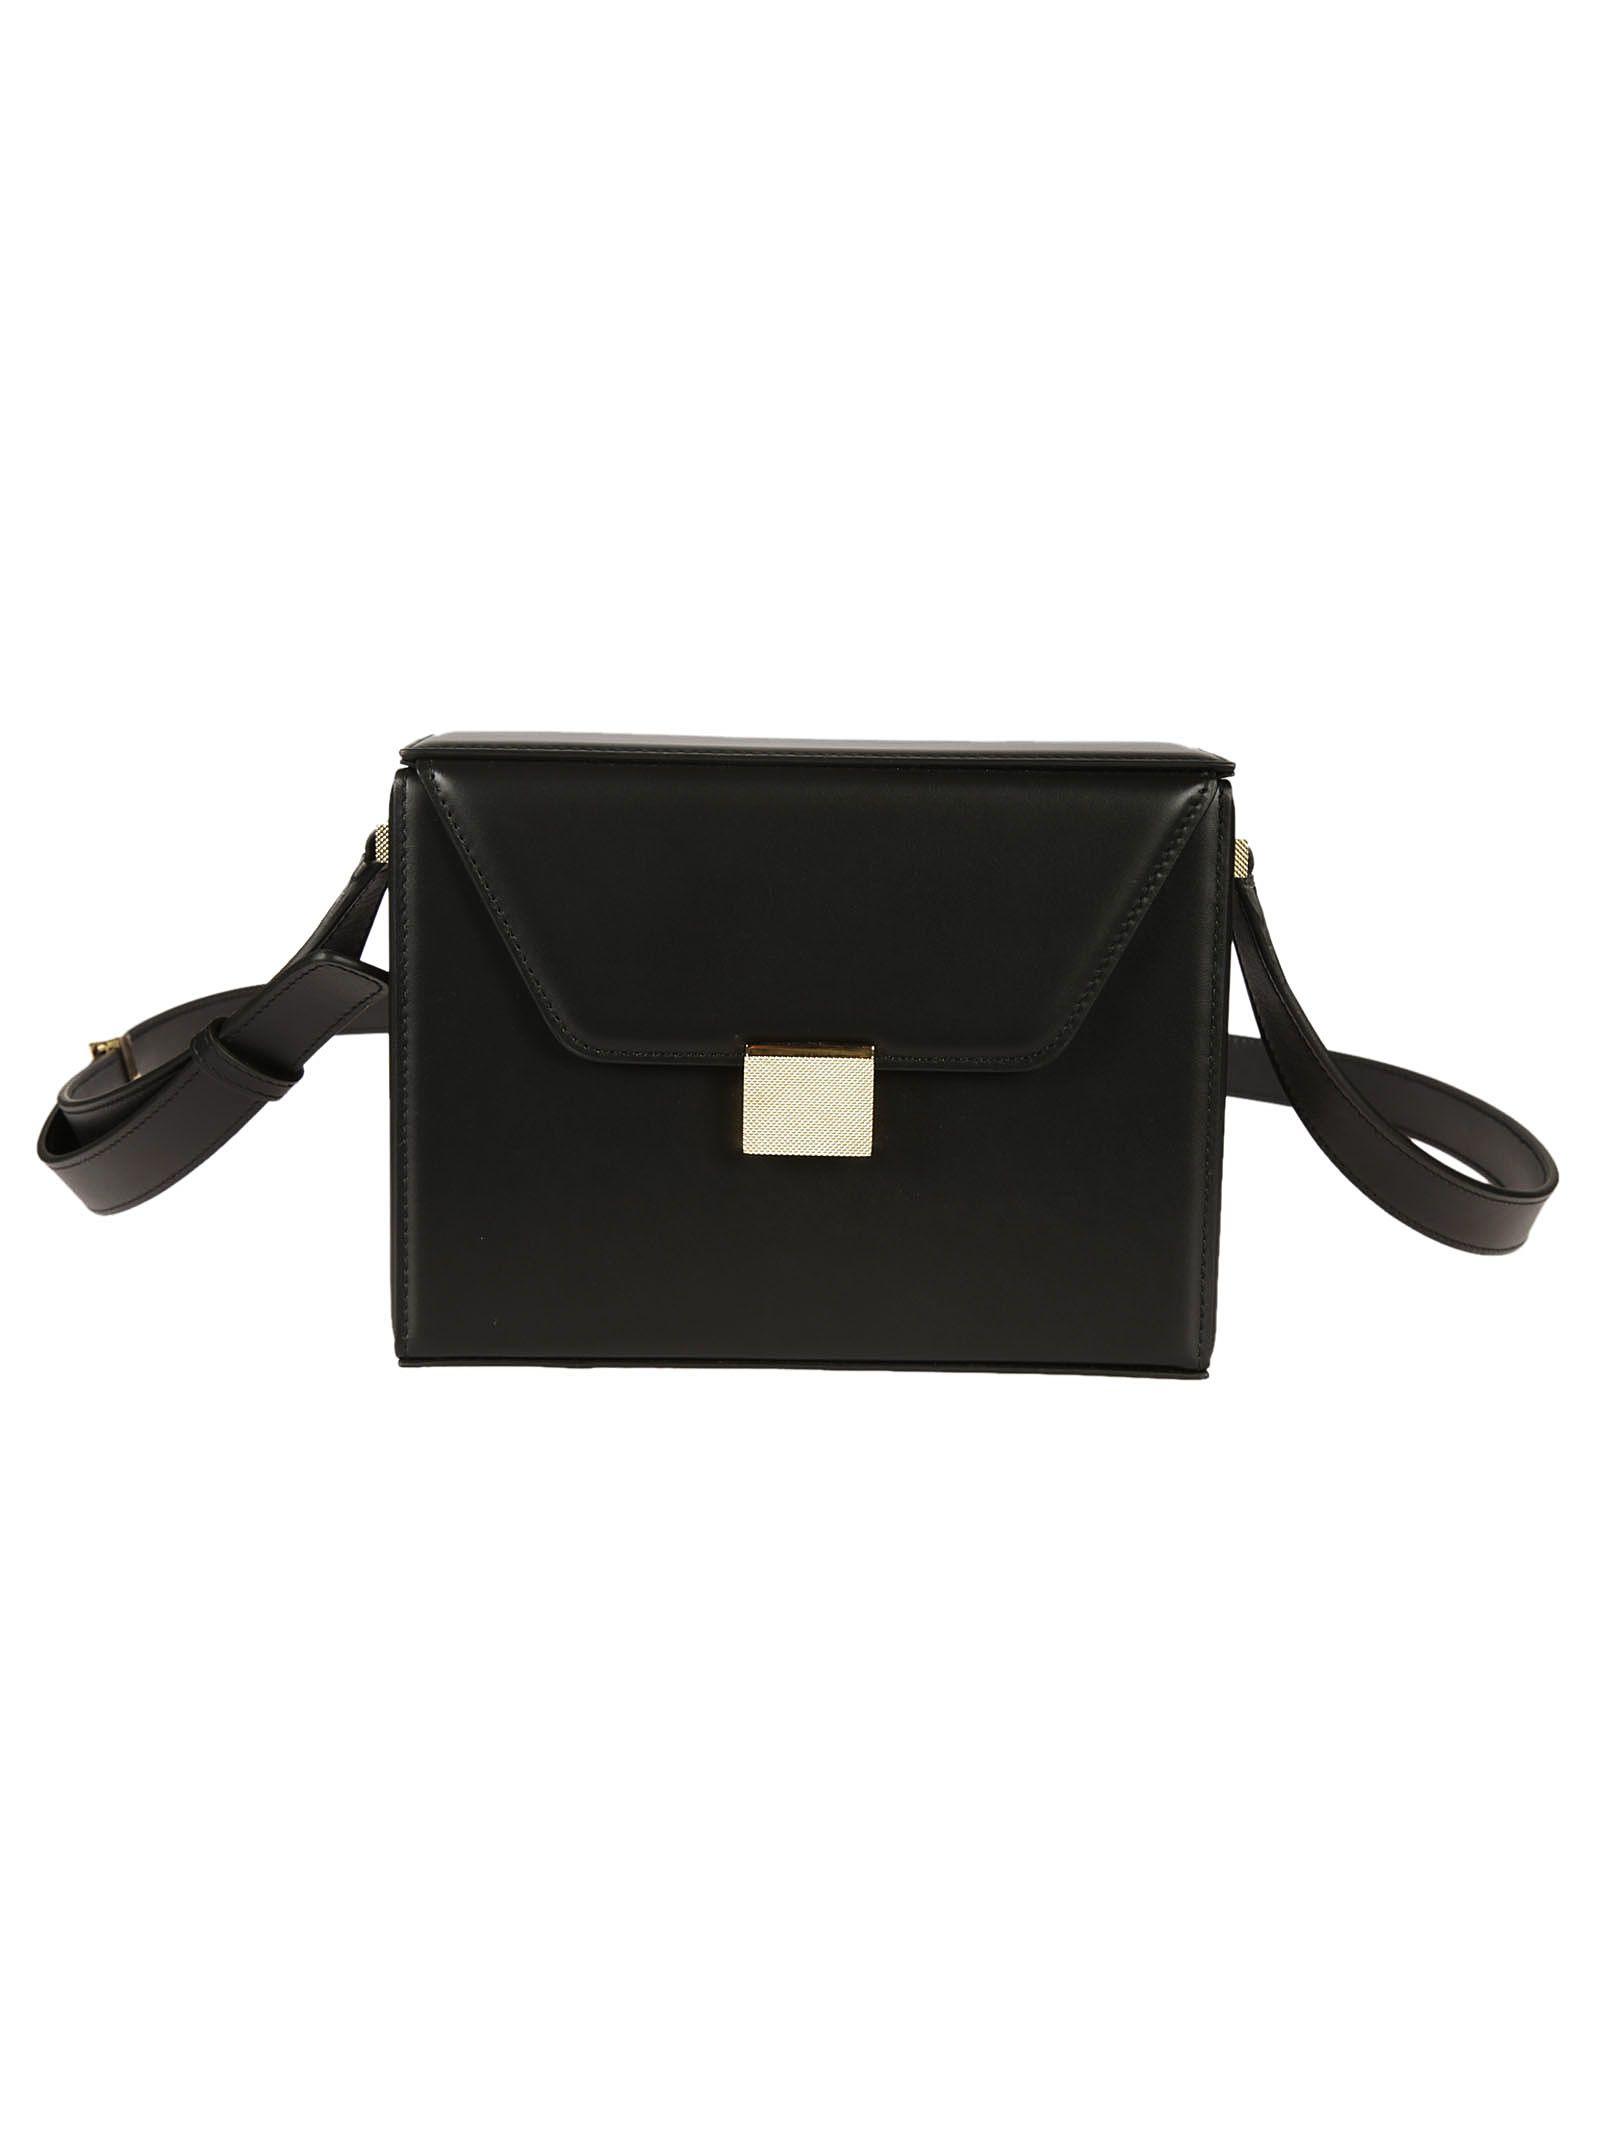 Victoria Beckham Vanity Shoulder Bag